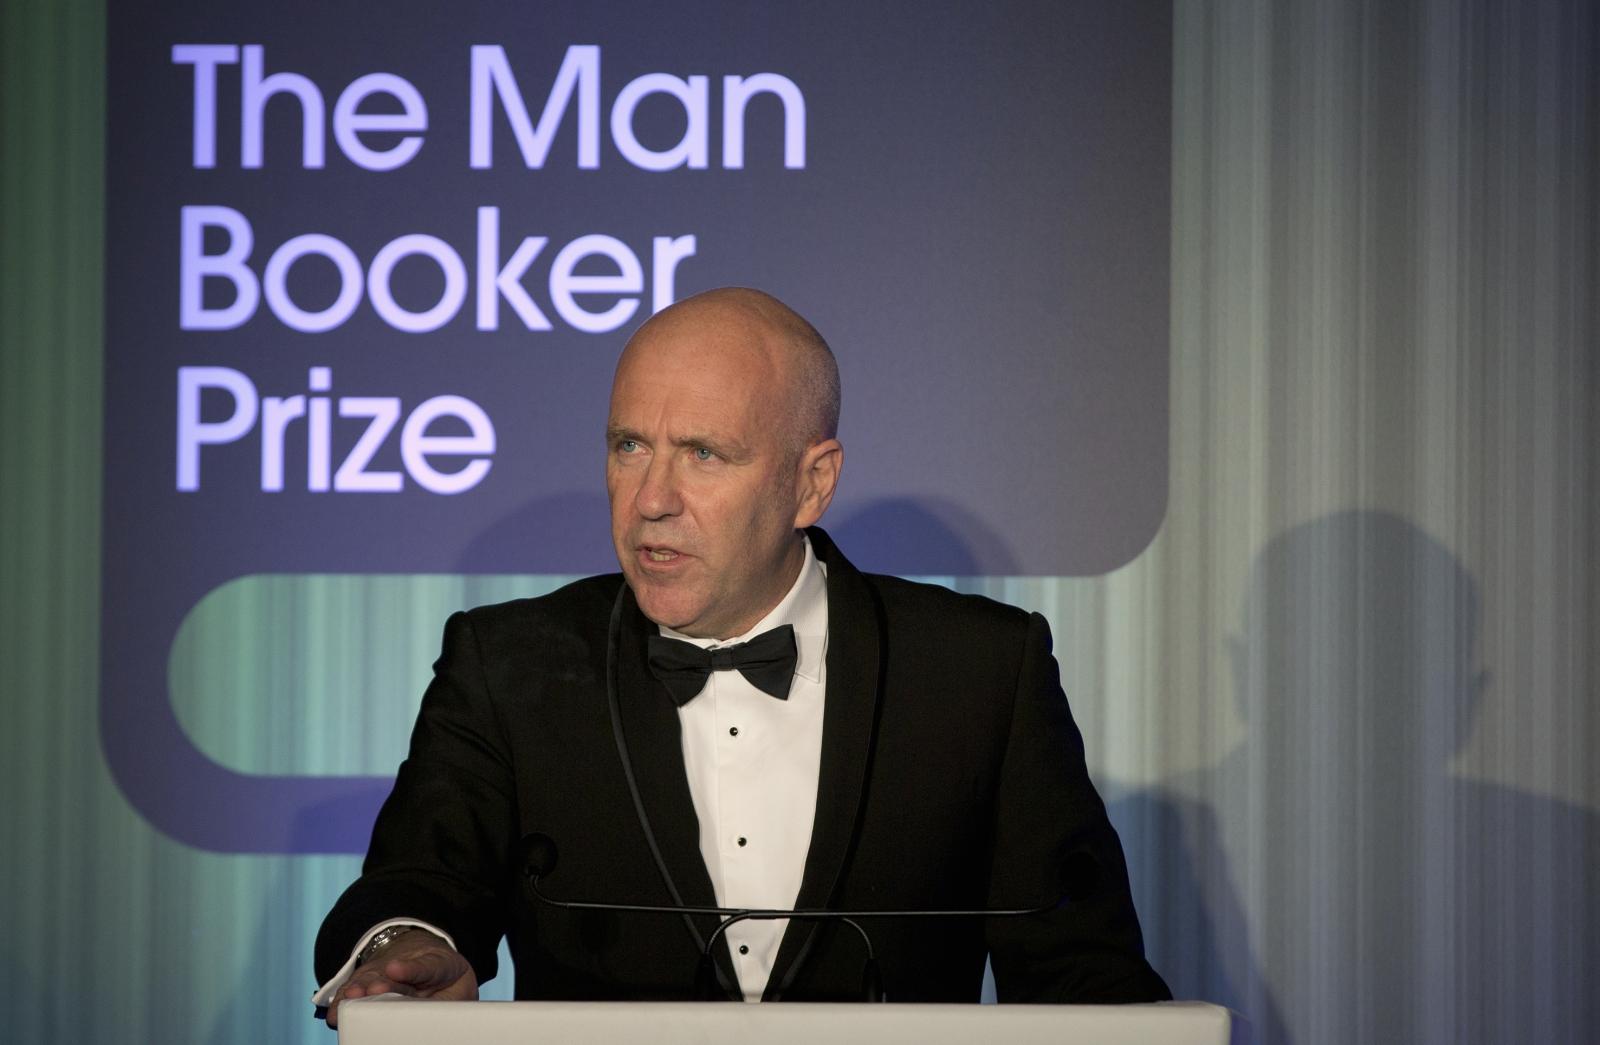 MAN BOOKER14